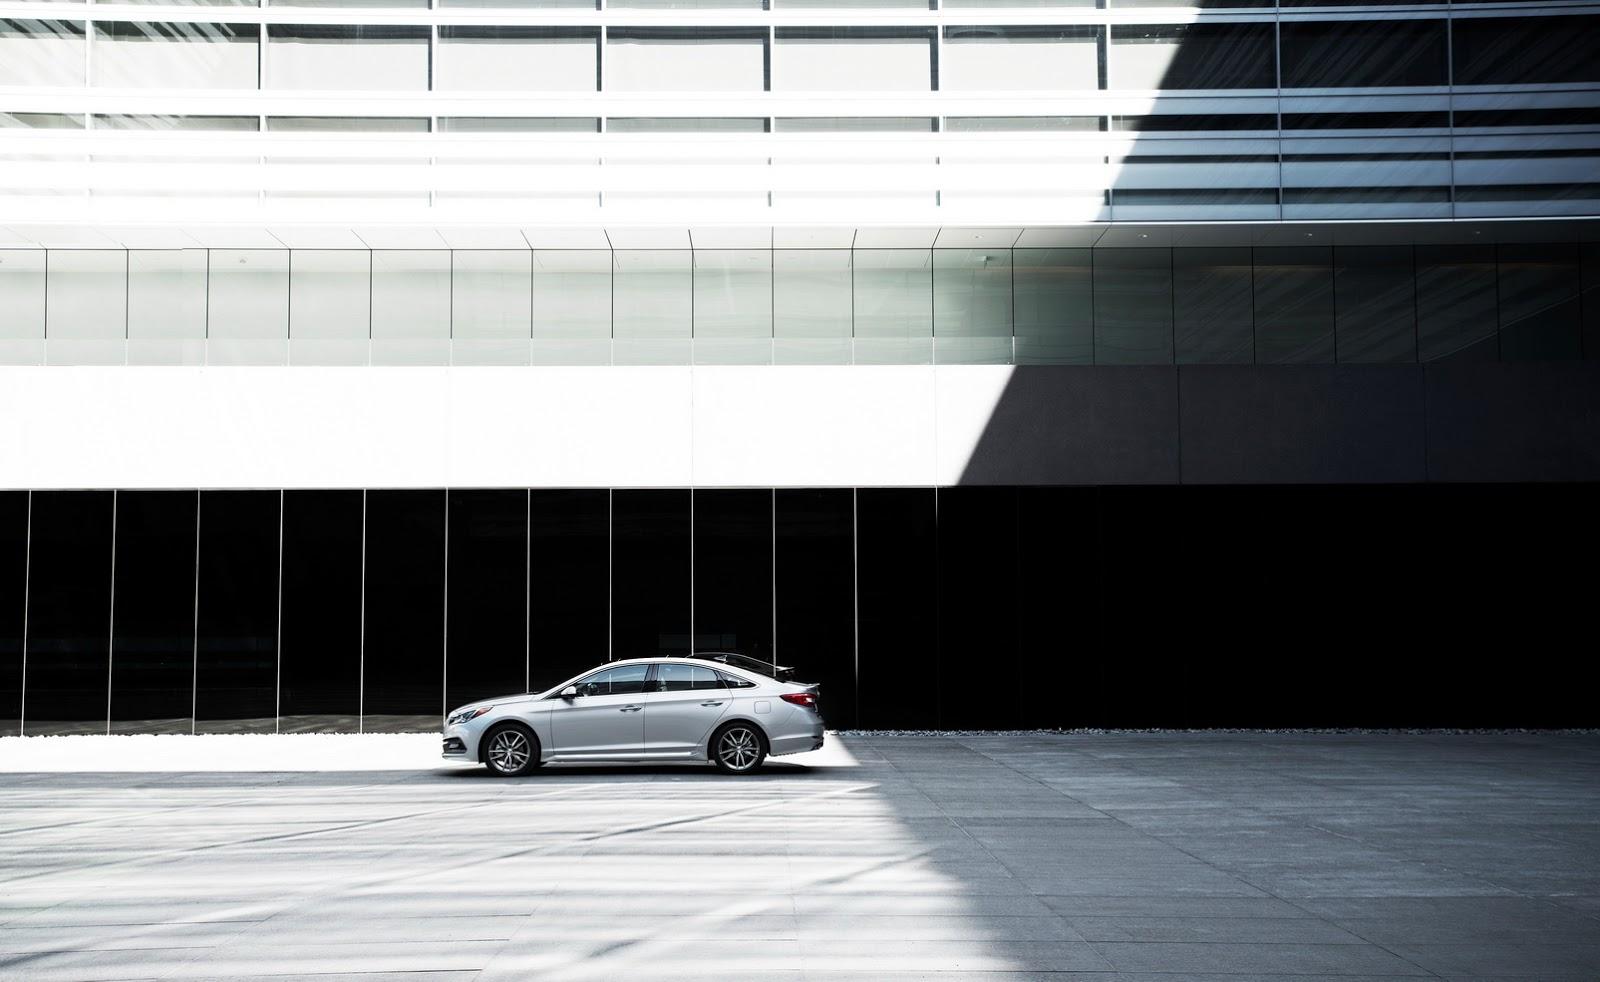 Trong khi đó, Hyundai Sonata Eco 2017 được trang bị động cơ xăng Gamma, tăng áp, dung tích 1,6 lít có công suất tối đa 178 mã lực. Động cơ này kết hợp với hộp số ly hợp kép 7 cấp.